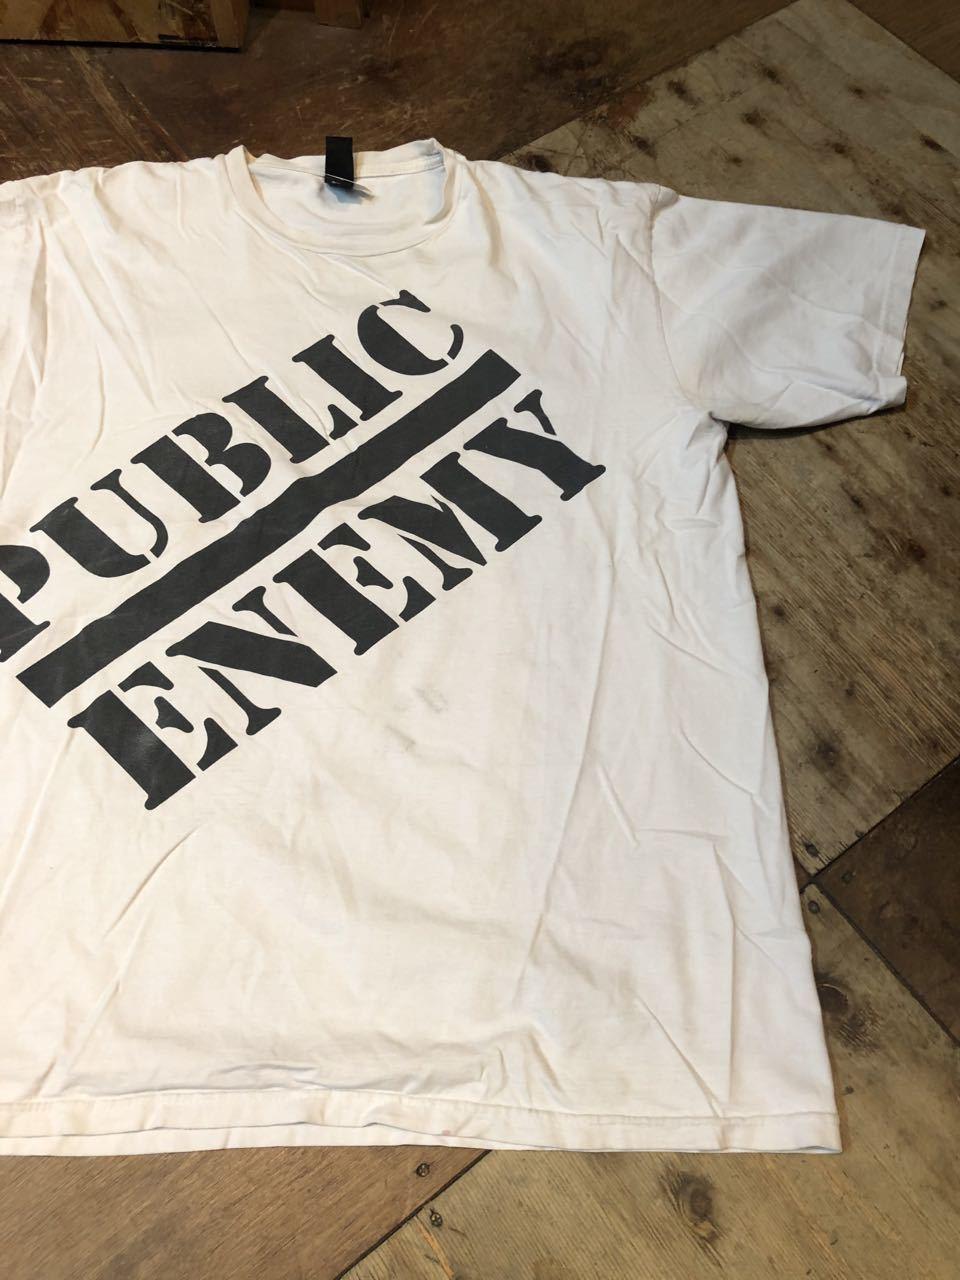 6月6日(日)入荷! MADE IN U.S.A OBEY PUBLIC ENEMY Tシャツ!_c0144020_13163494.jpg